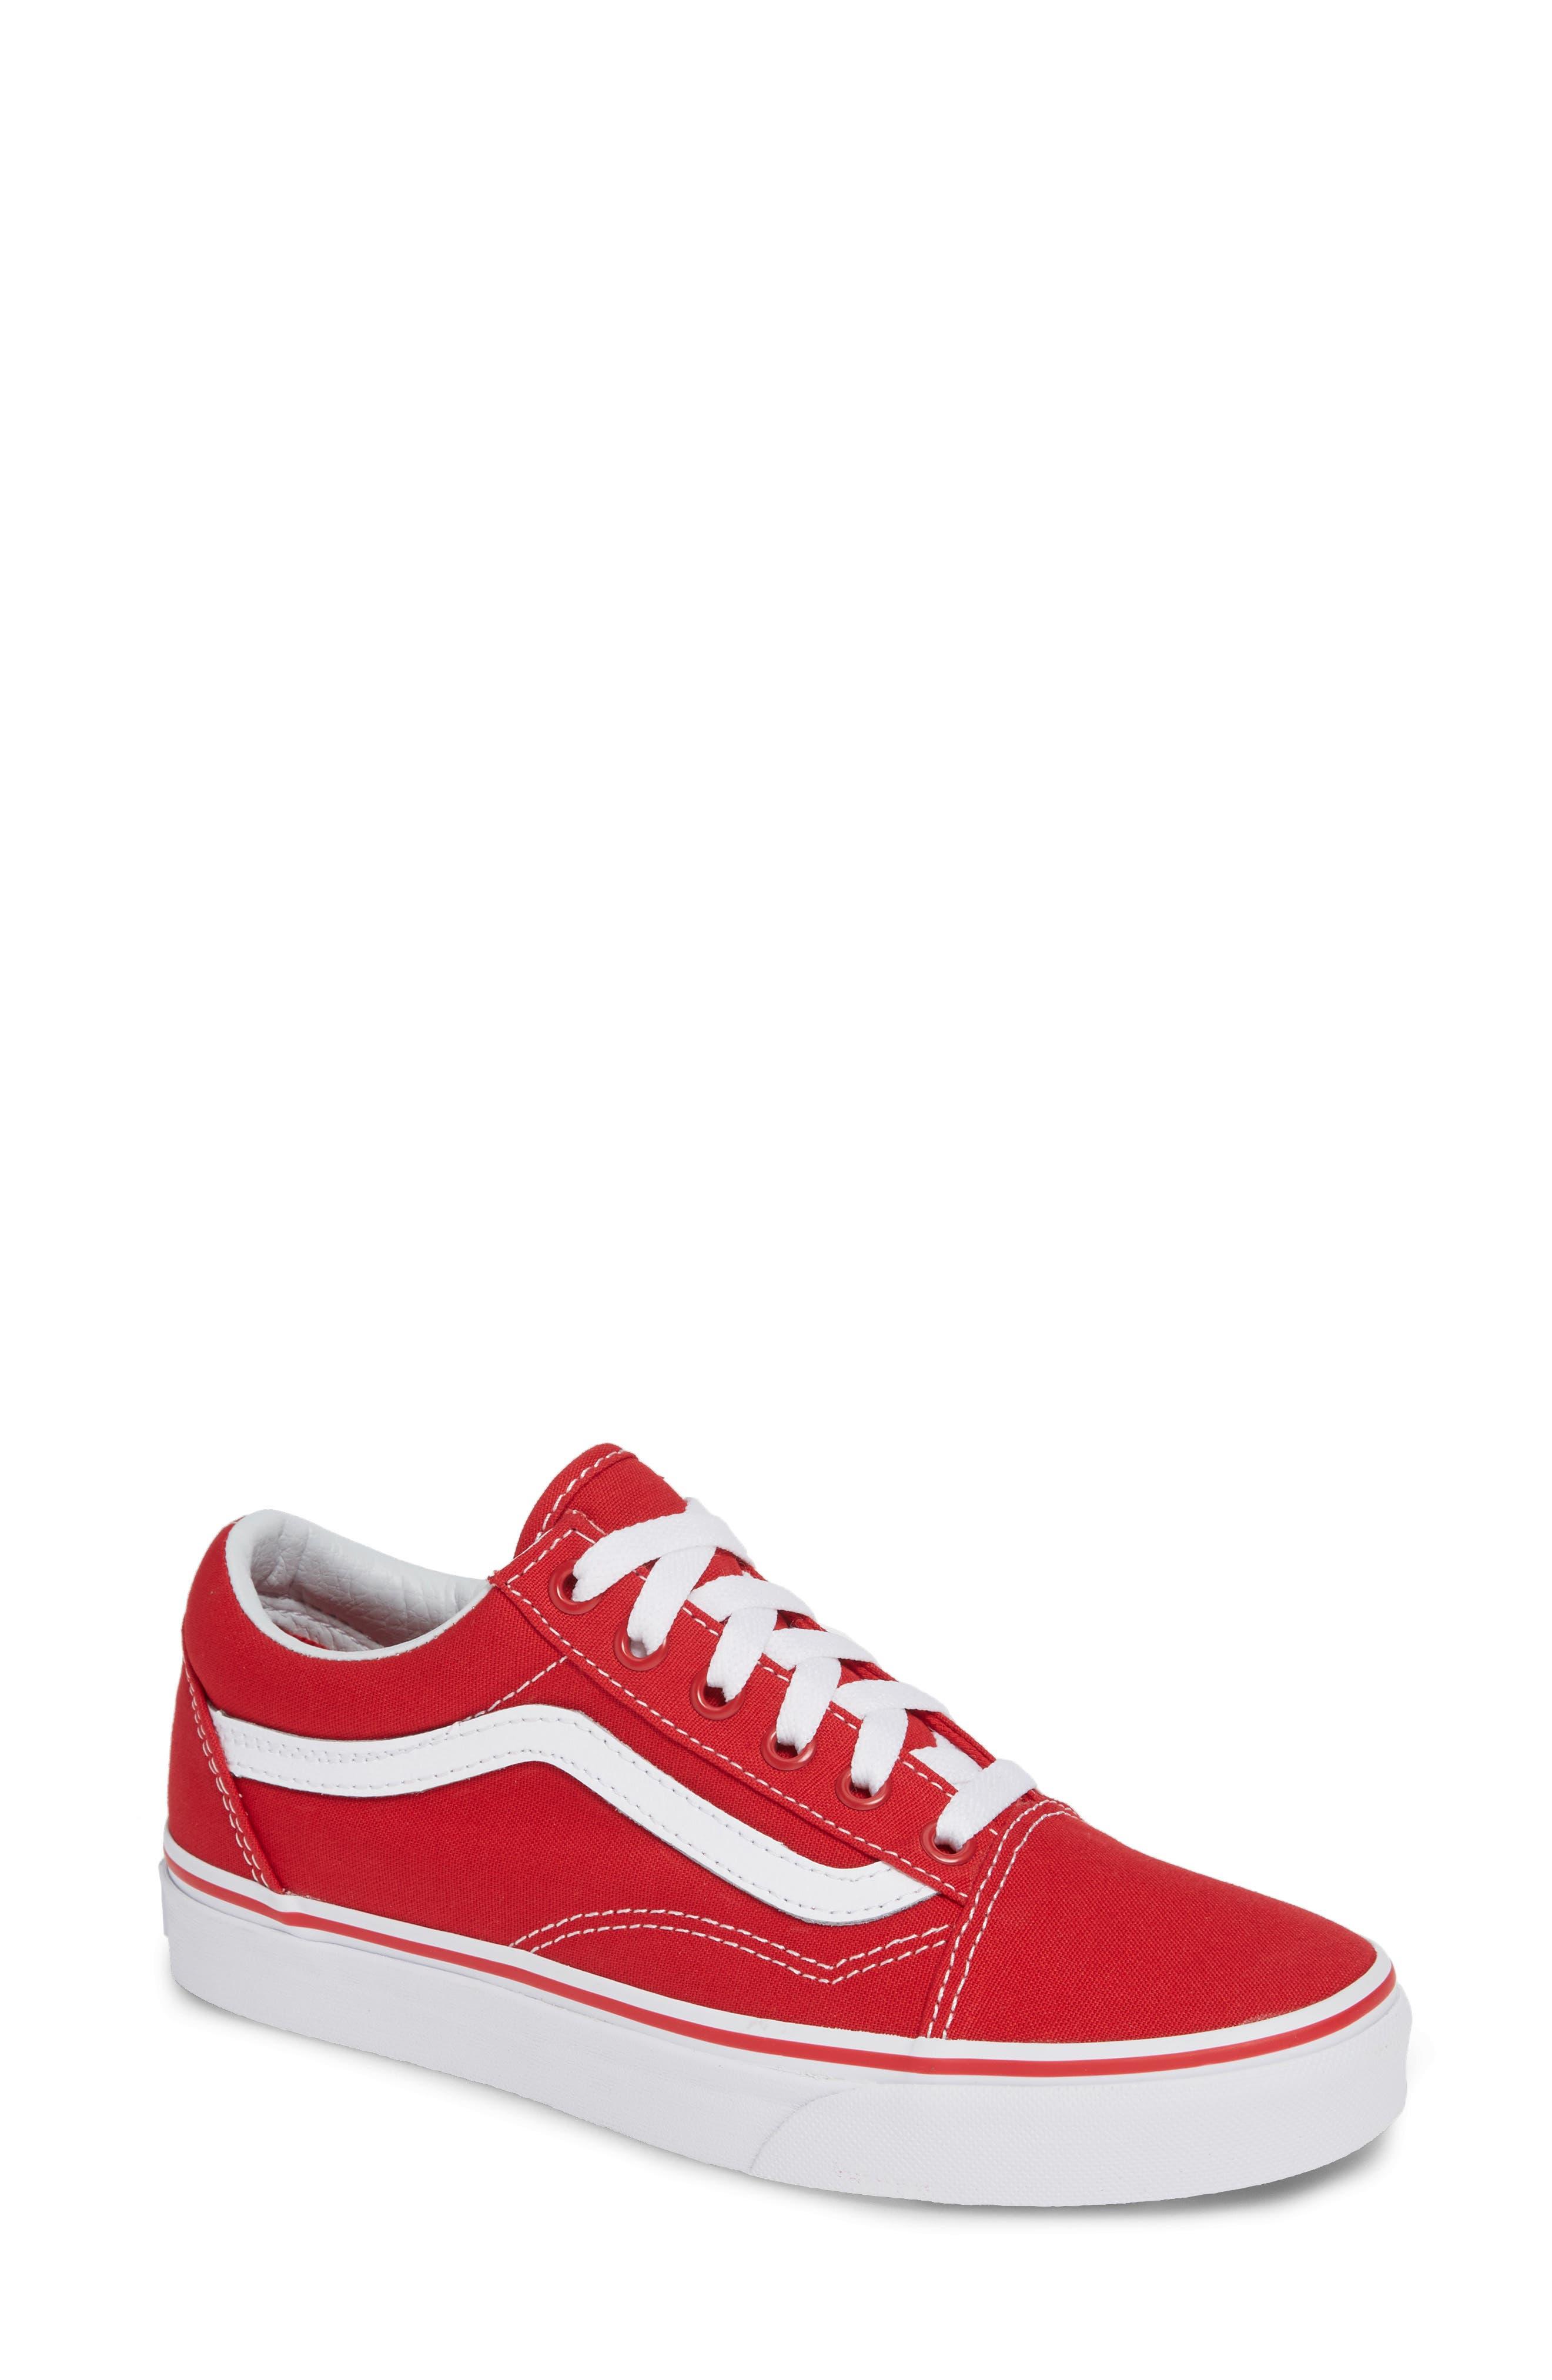 Vans Old Skool Sneaker, Red